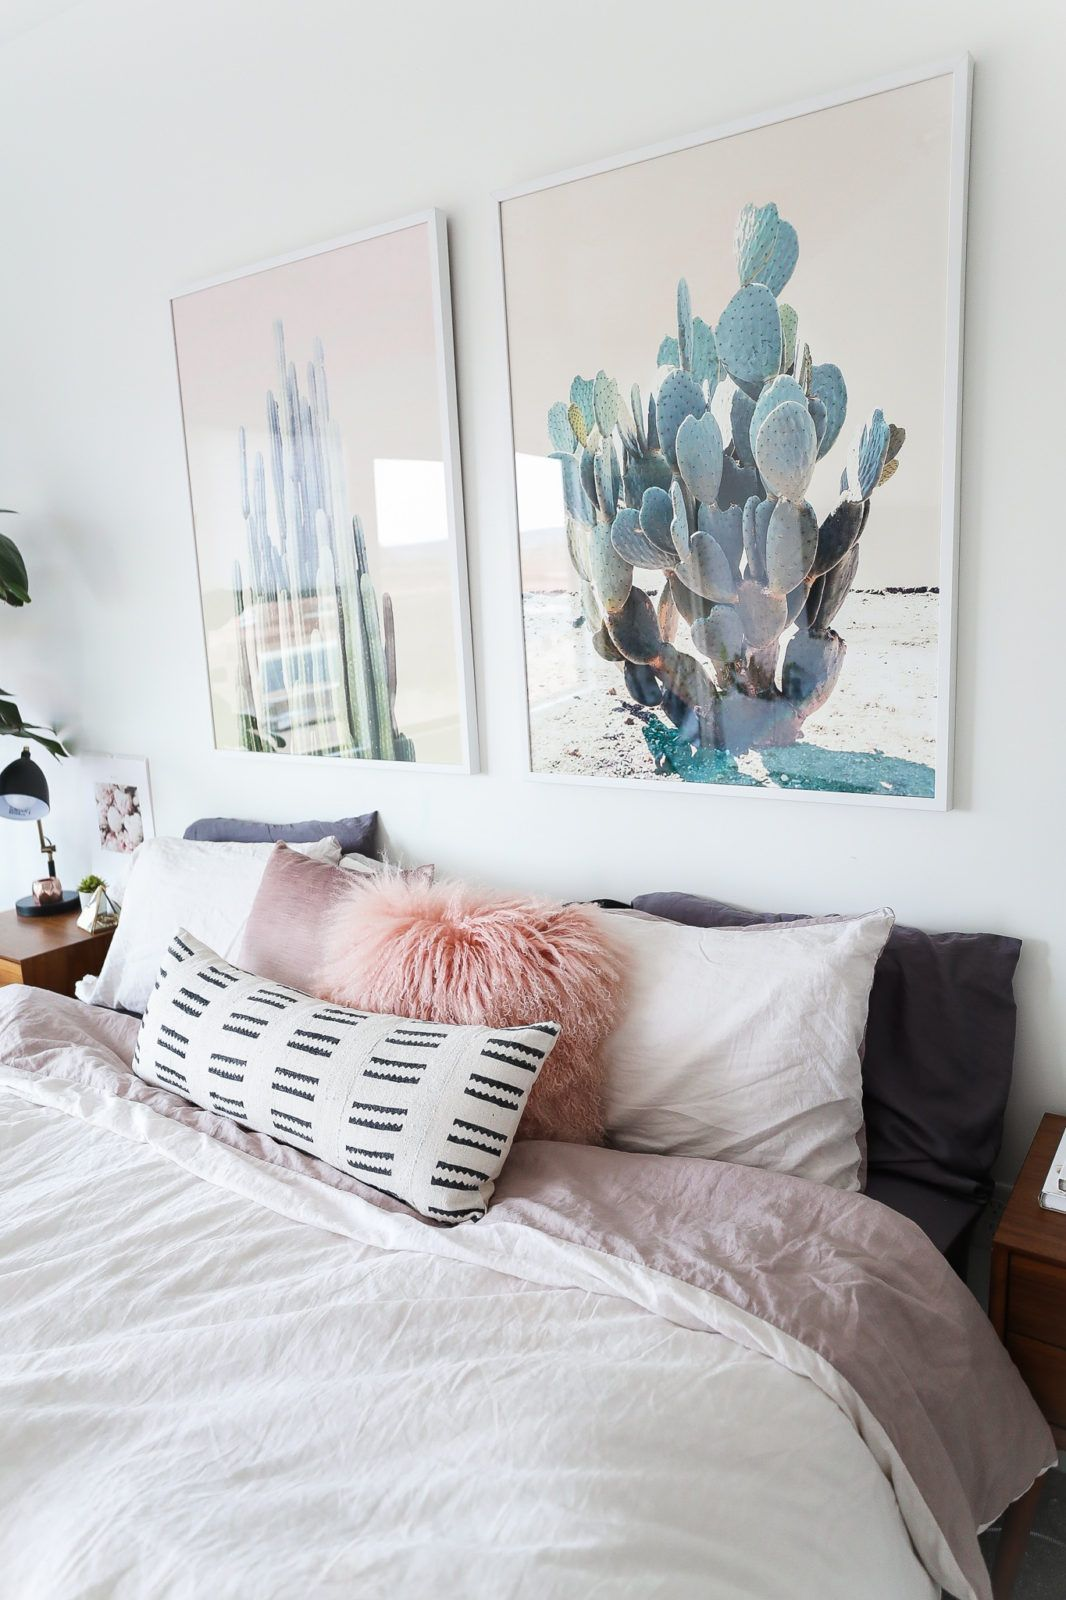 Te Llama Esta Idea Para Decorar La Habitacion En Nuestro Post - Ideas-para-decorar-una-habitacion